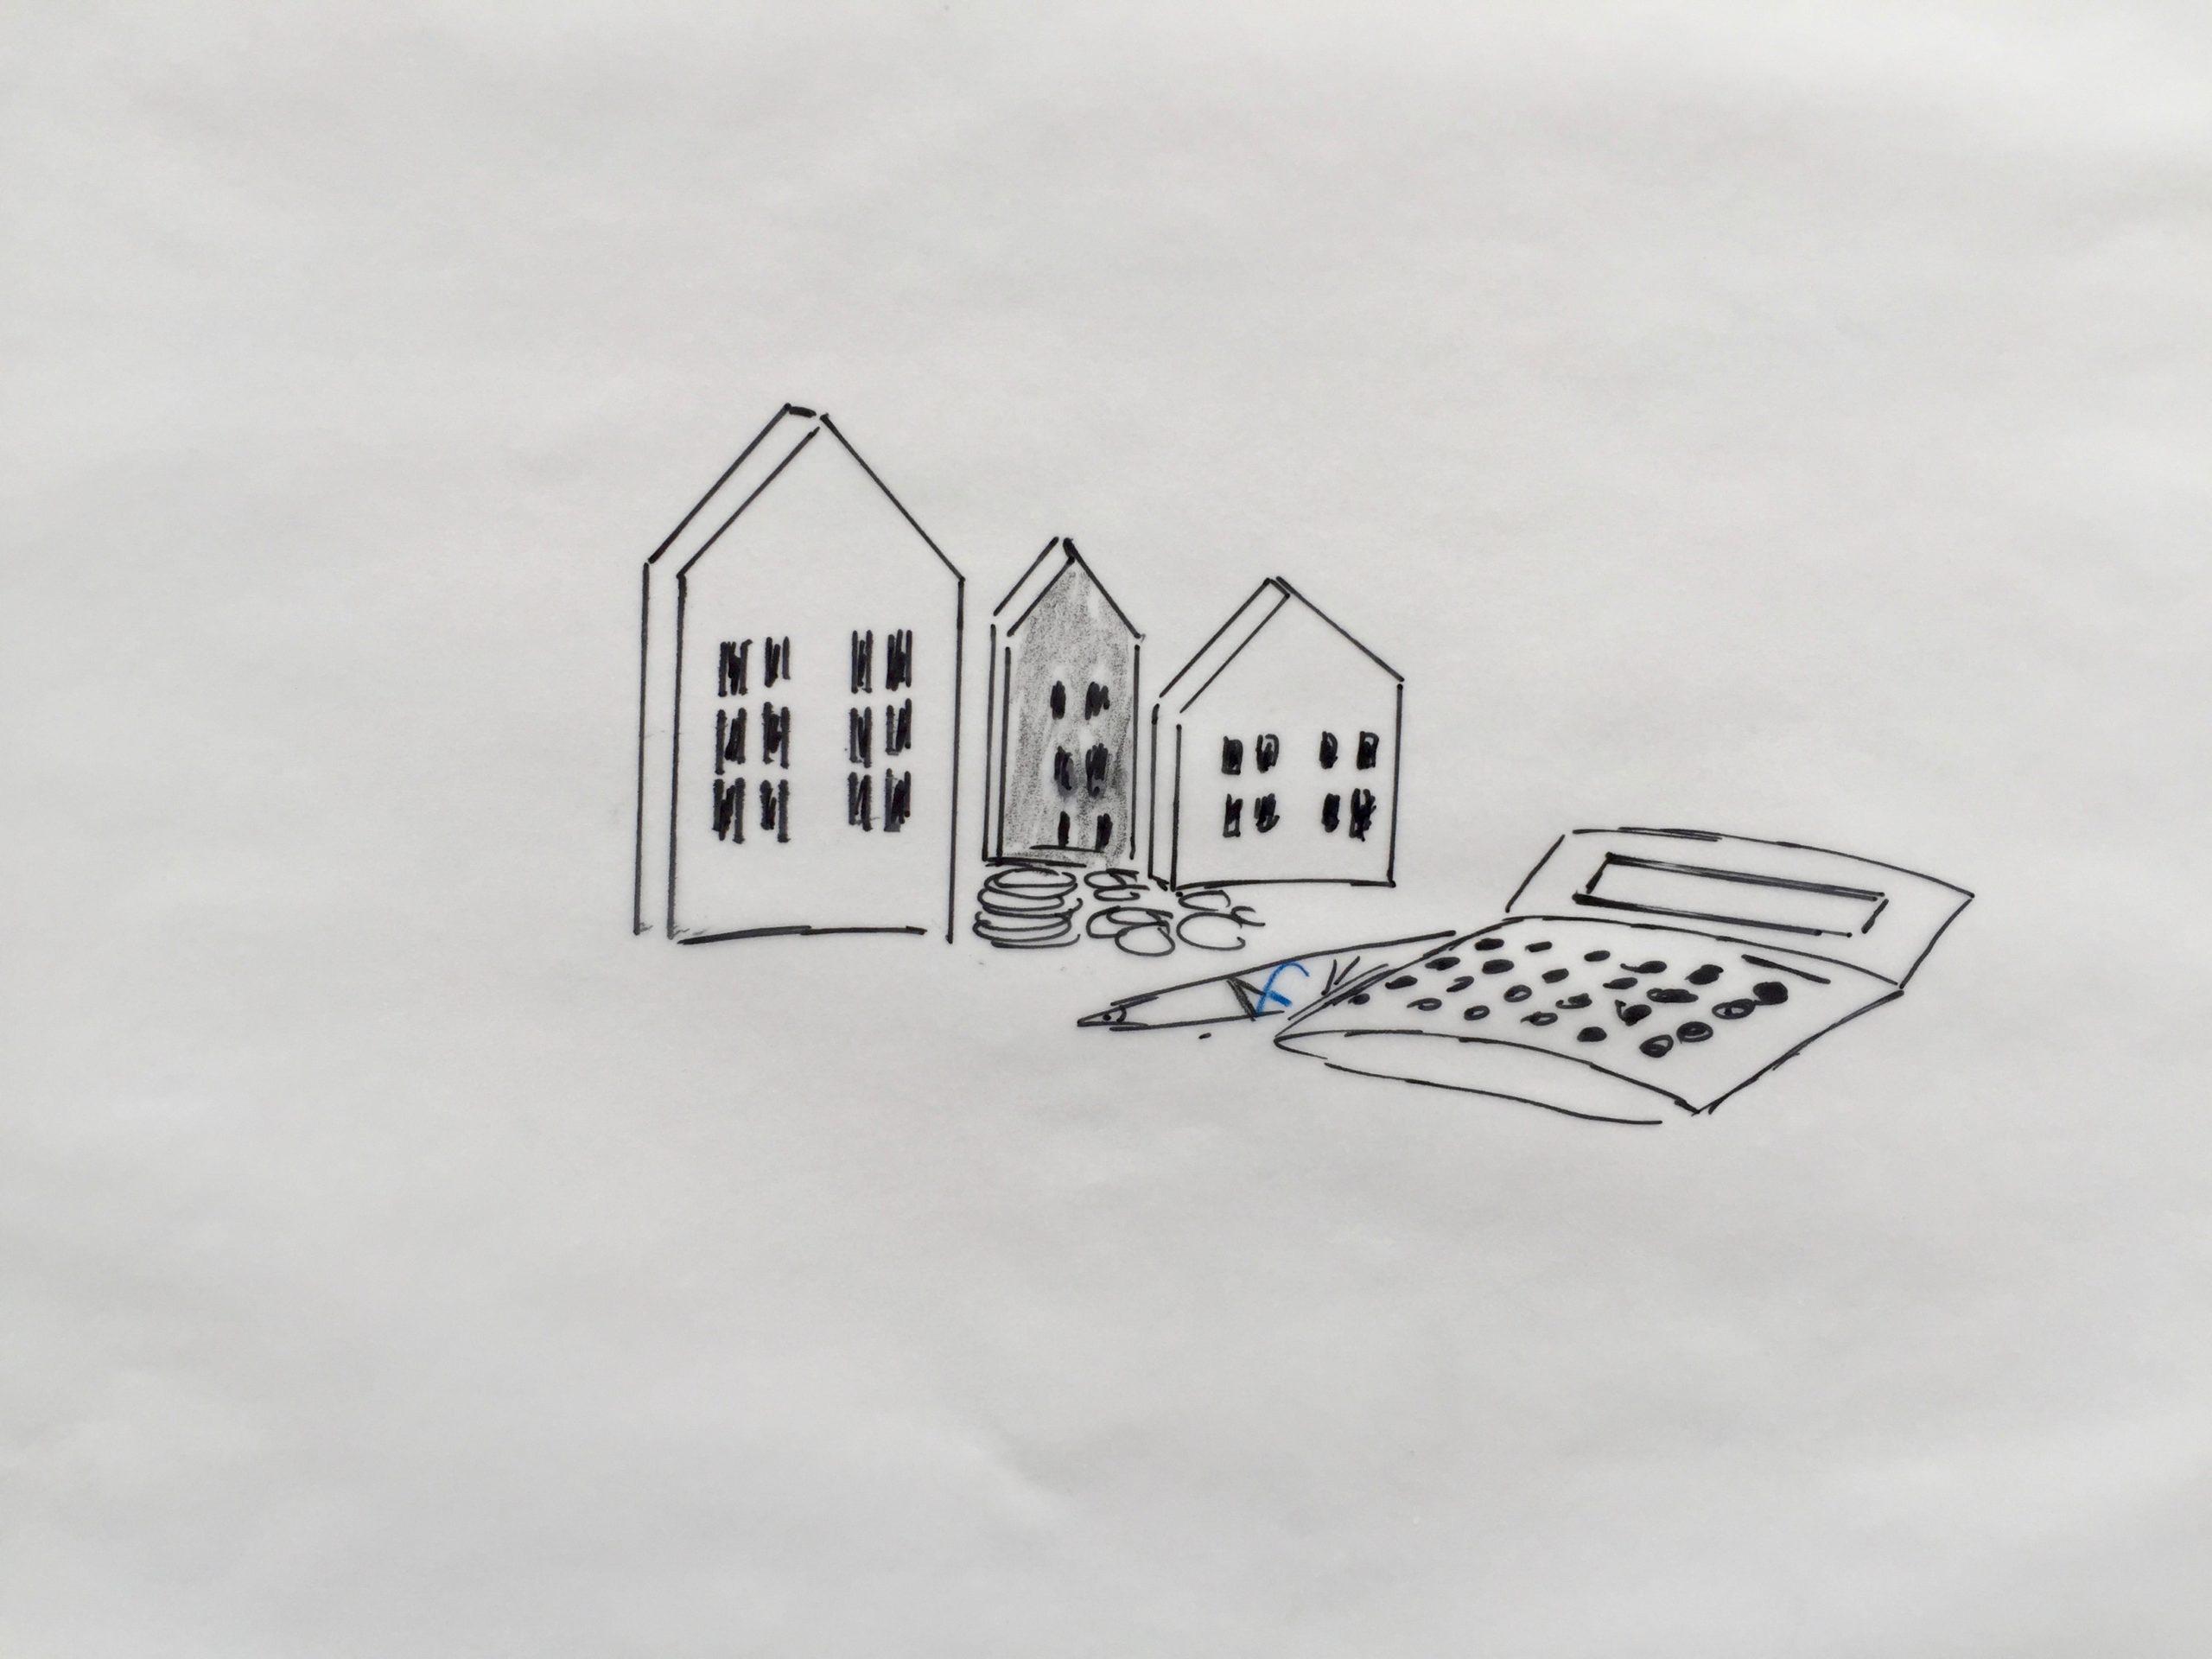 Skizze: Verschieden große Häuser, Geldstücke & Taschenrechner. Verschaffen Sie sich einen ersten Überblick mit Baufinanzierungsrechner der FinanzKanzlei Bayern.